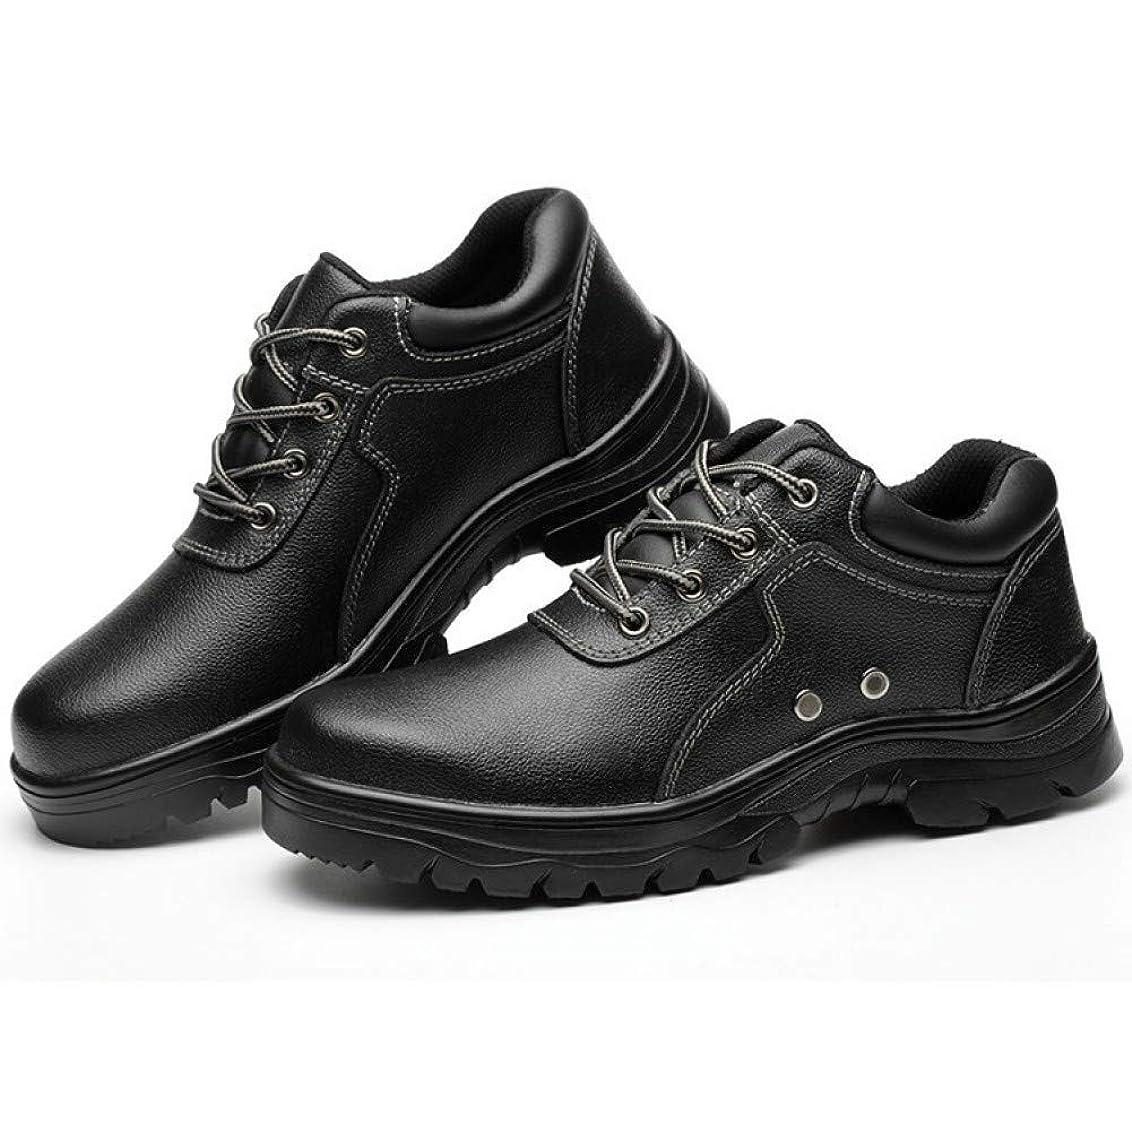 瞑想する雇用説教する[Yikaifei] 安全靴 作業靴 メンズ レディース 登山靴 つま先靴底防護鋼片付き 超軽量 絶縁 耐油性 刺す叩く防止